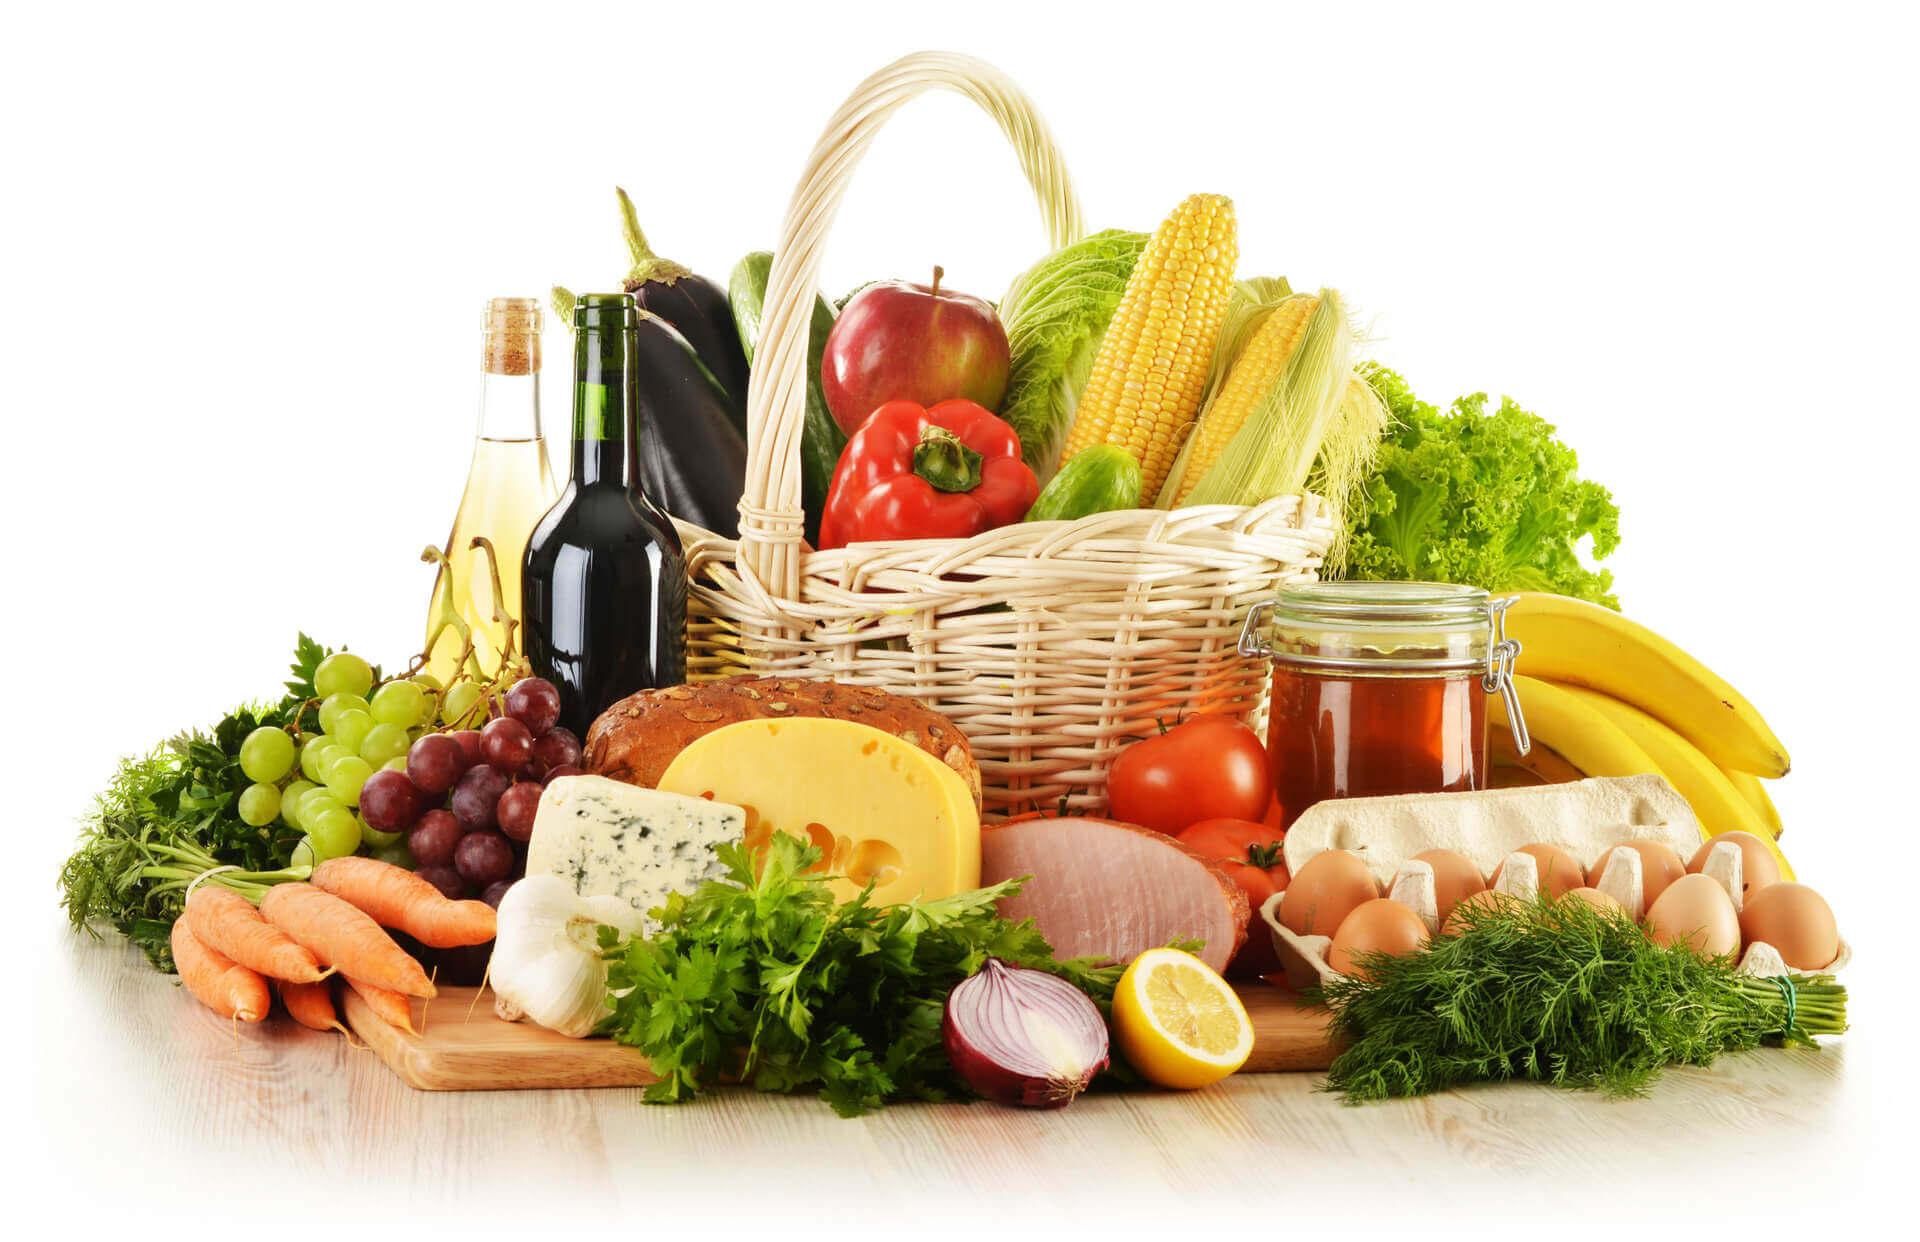 Kochen in der vegetarischen und veganen Küche